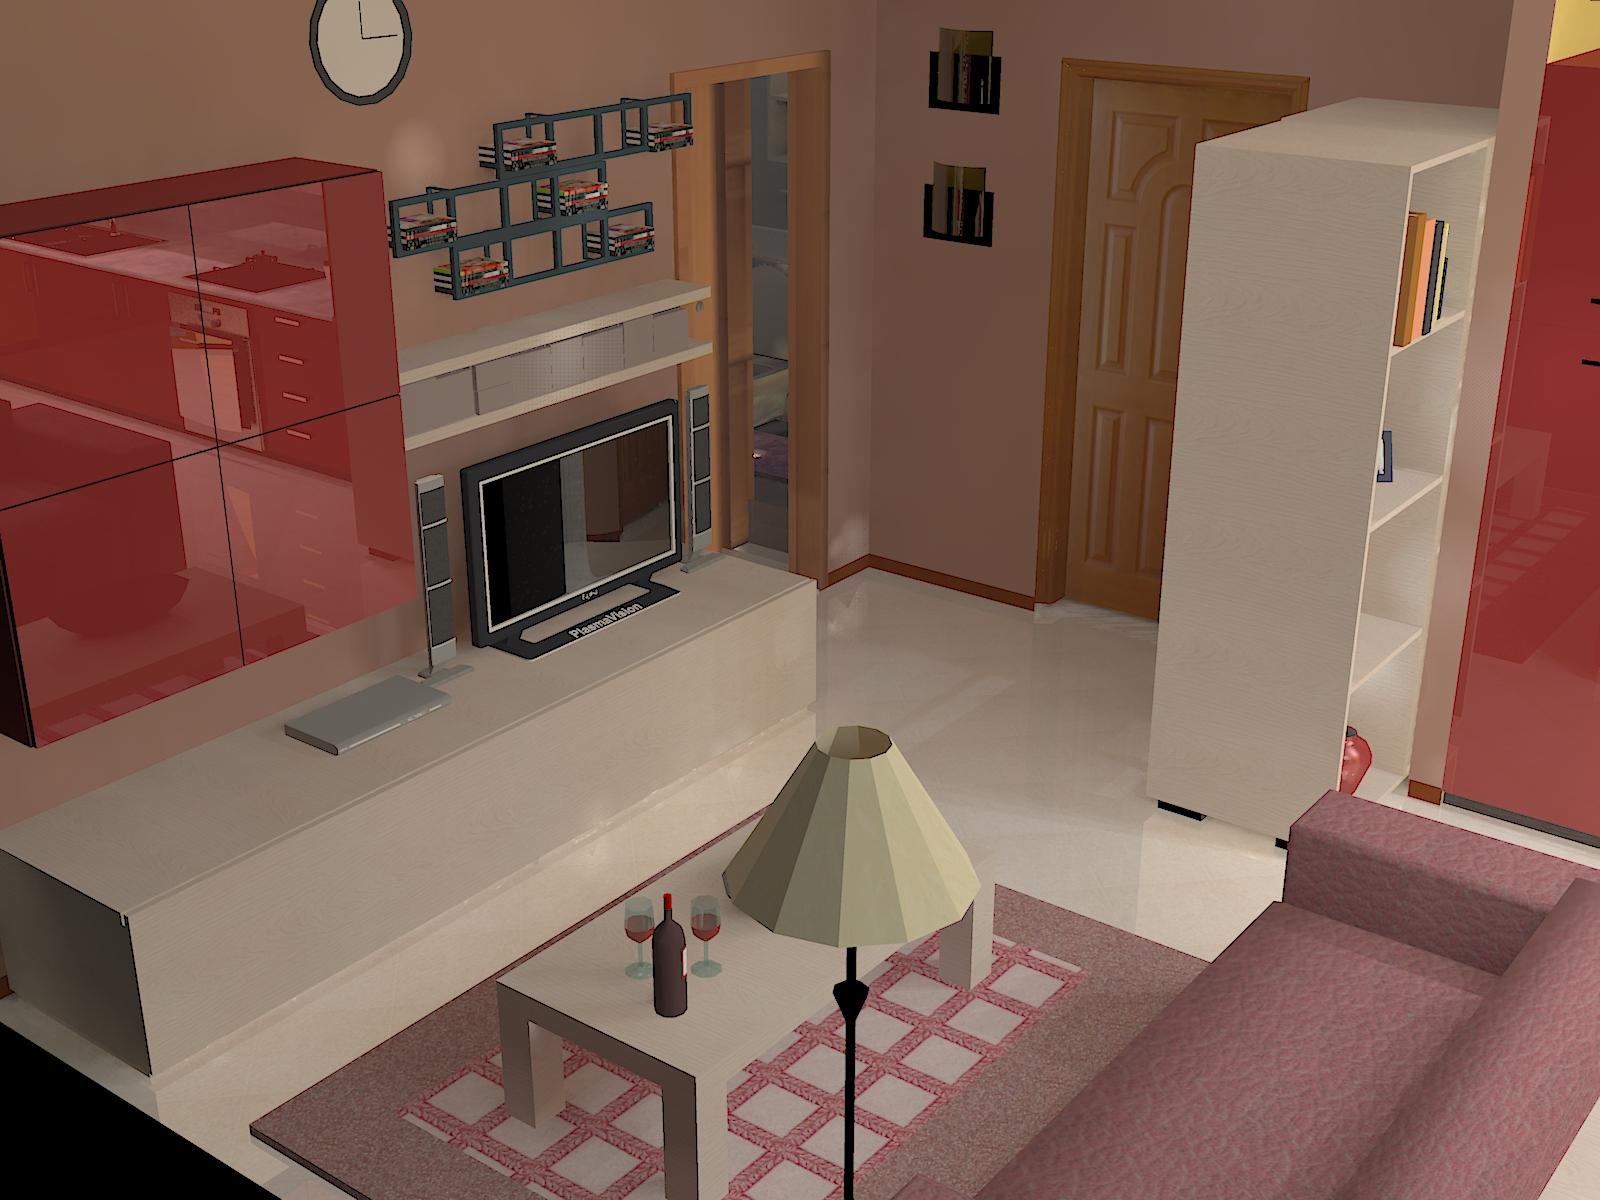 ambiente unico cucina soggiorno ristrutturato: sala da pranzo idee ... - Ambiente Unico Cucina Soggiorno Ristrutturato 2